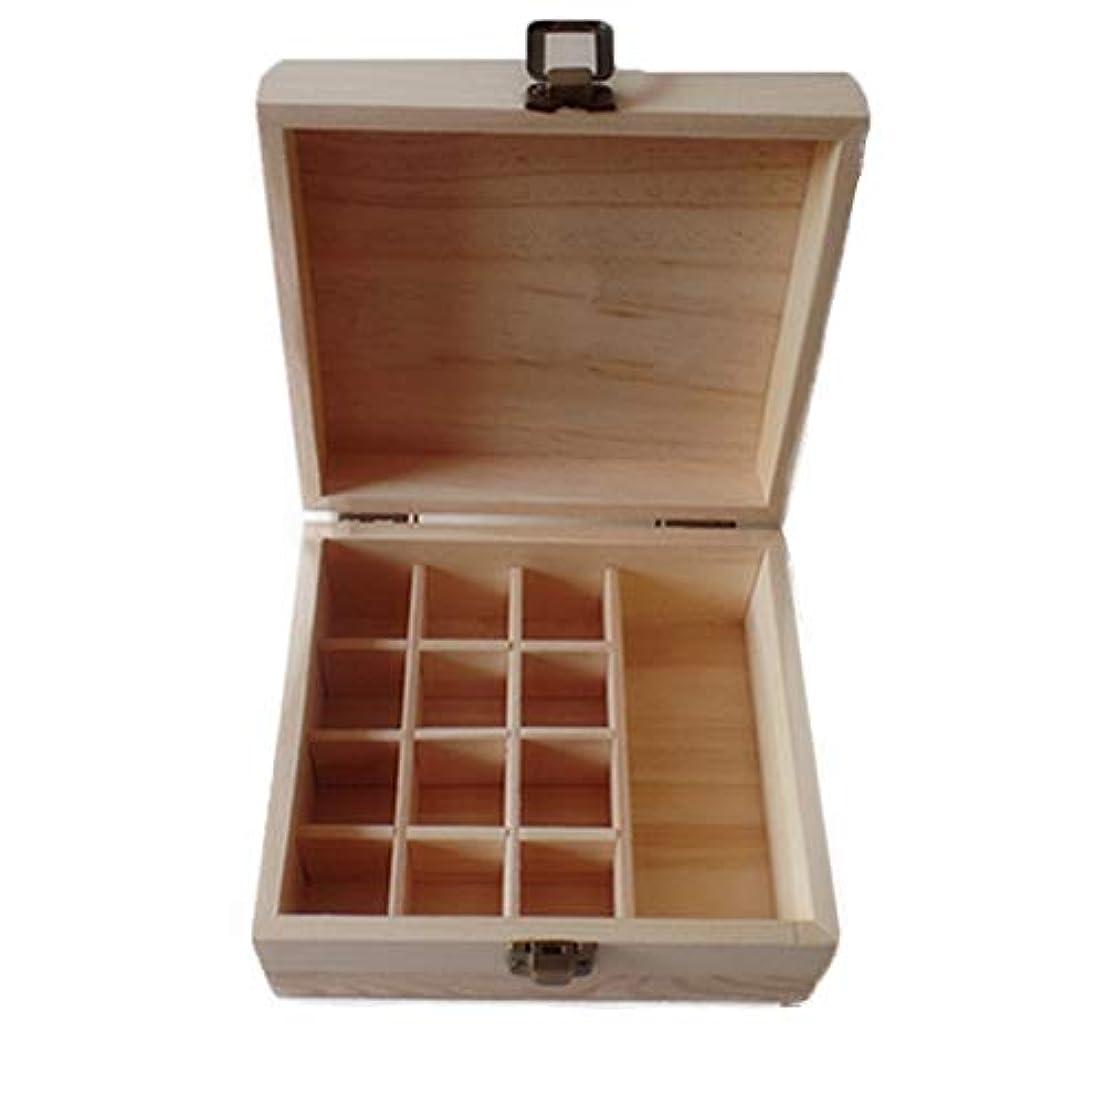 ワイド障害歌手ディスプレイのプレゼンテーションのために完璧な13スロットエッセンシャルオイルストレージ木箱エッセンシャルオイル木製ケース アロマセラピー製品 (色 : Natural, サイズ : 15X16.9X8CM)